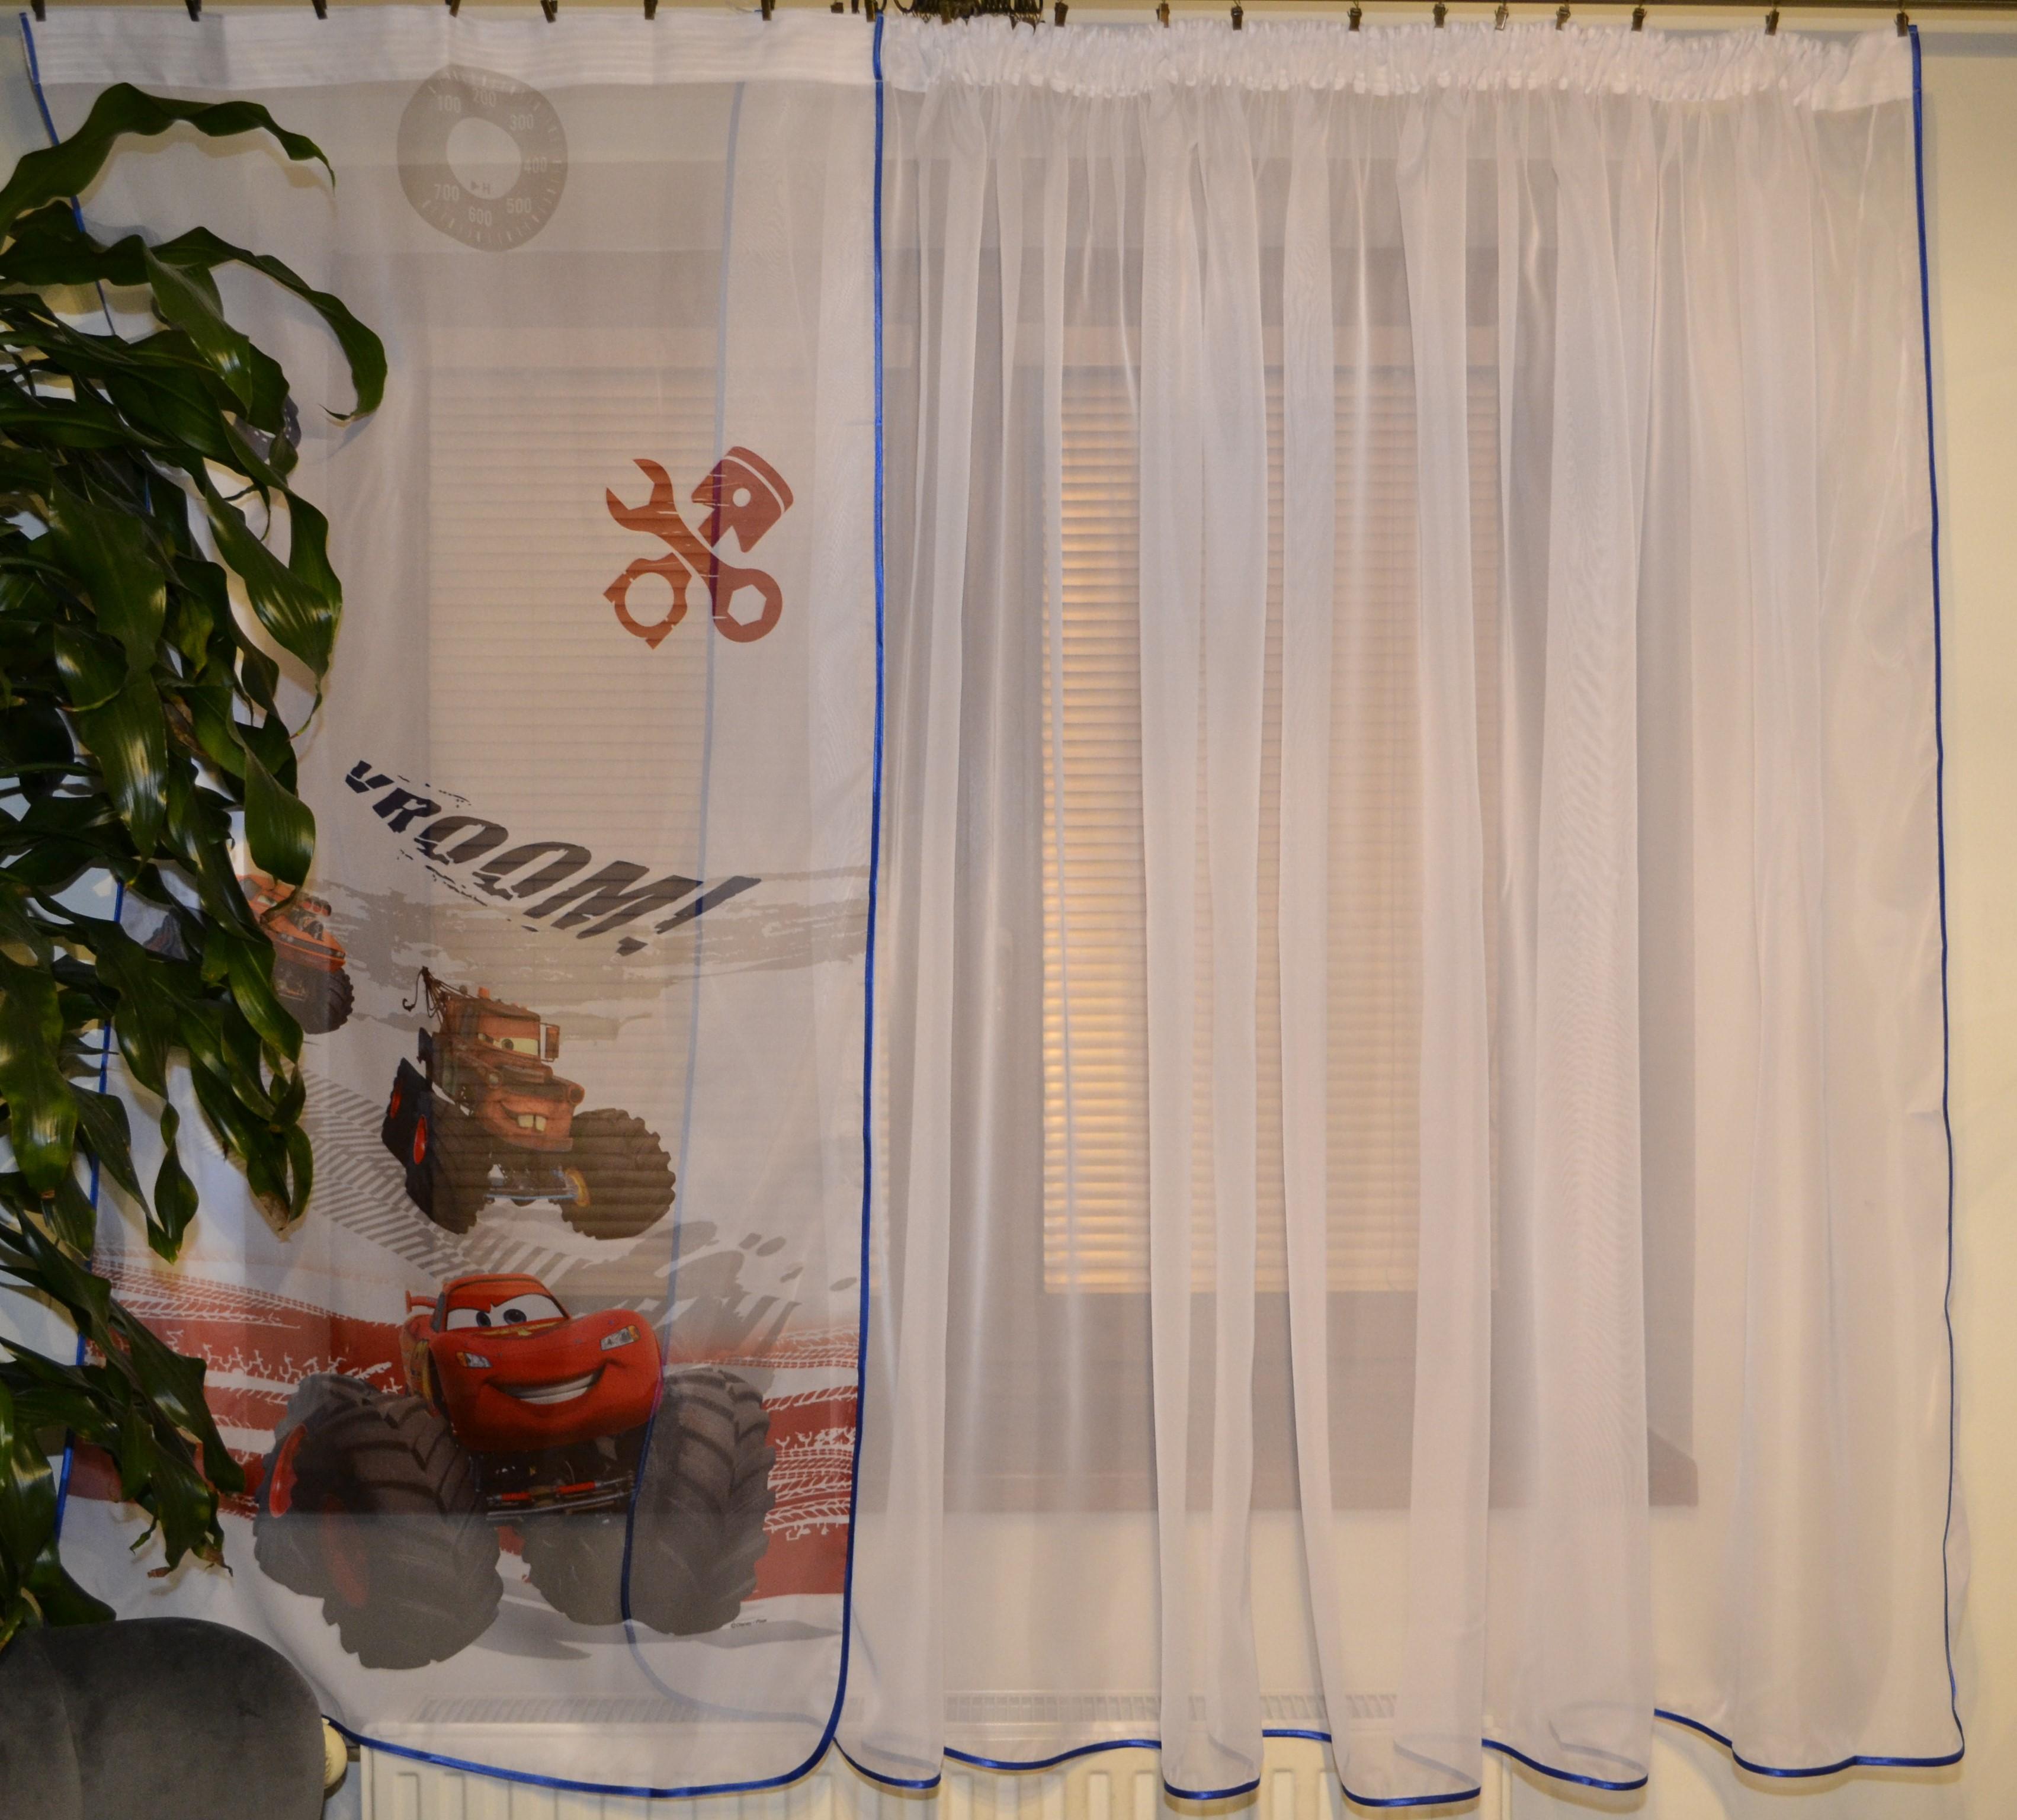 Dětská hotová voálová záclona Tina Disney Minnie a Daisy květiny 400x150cm růžová